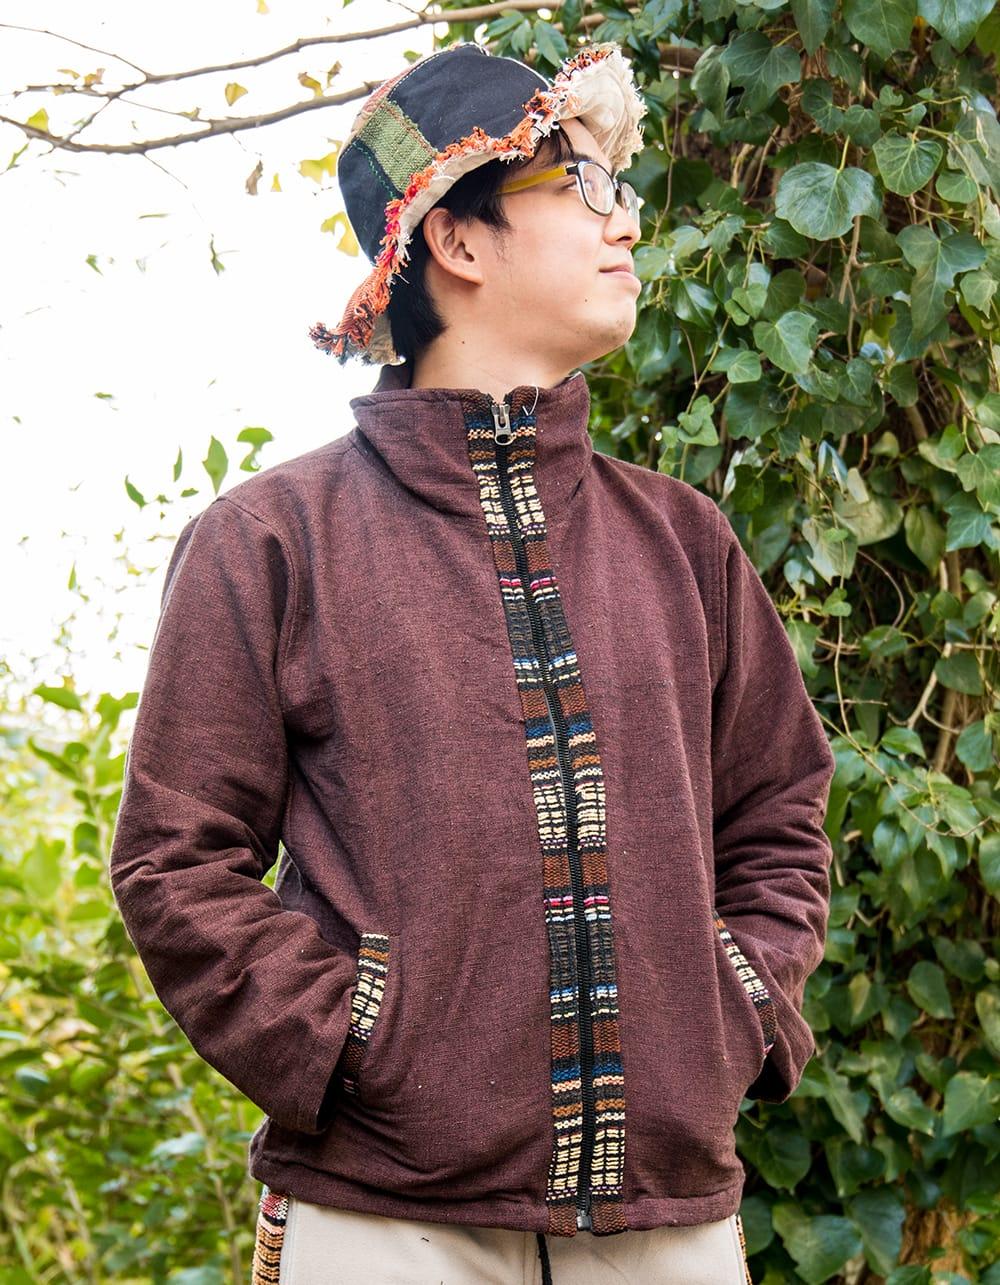 ネパールのゲリラインジャケット 5 - 選択D:ブラウン 身長170cmの男性モデルの着用例です。